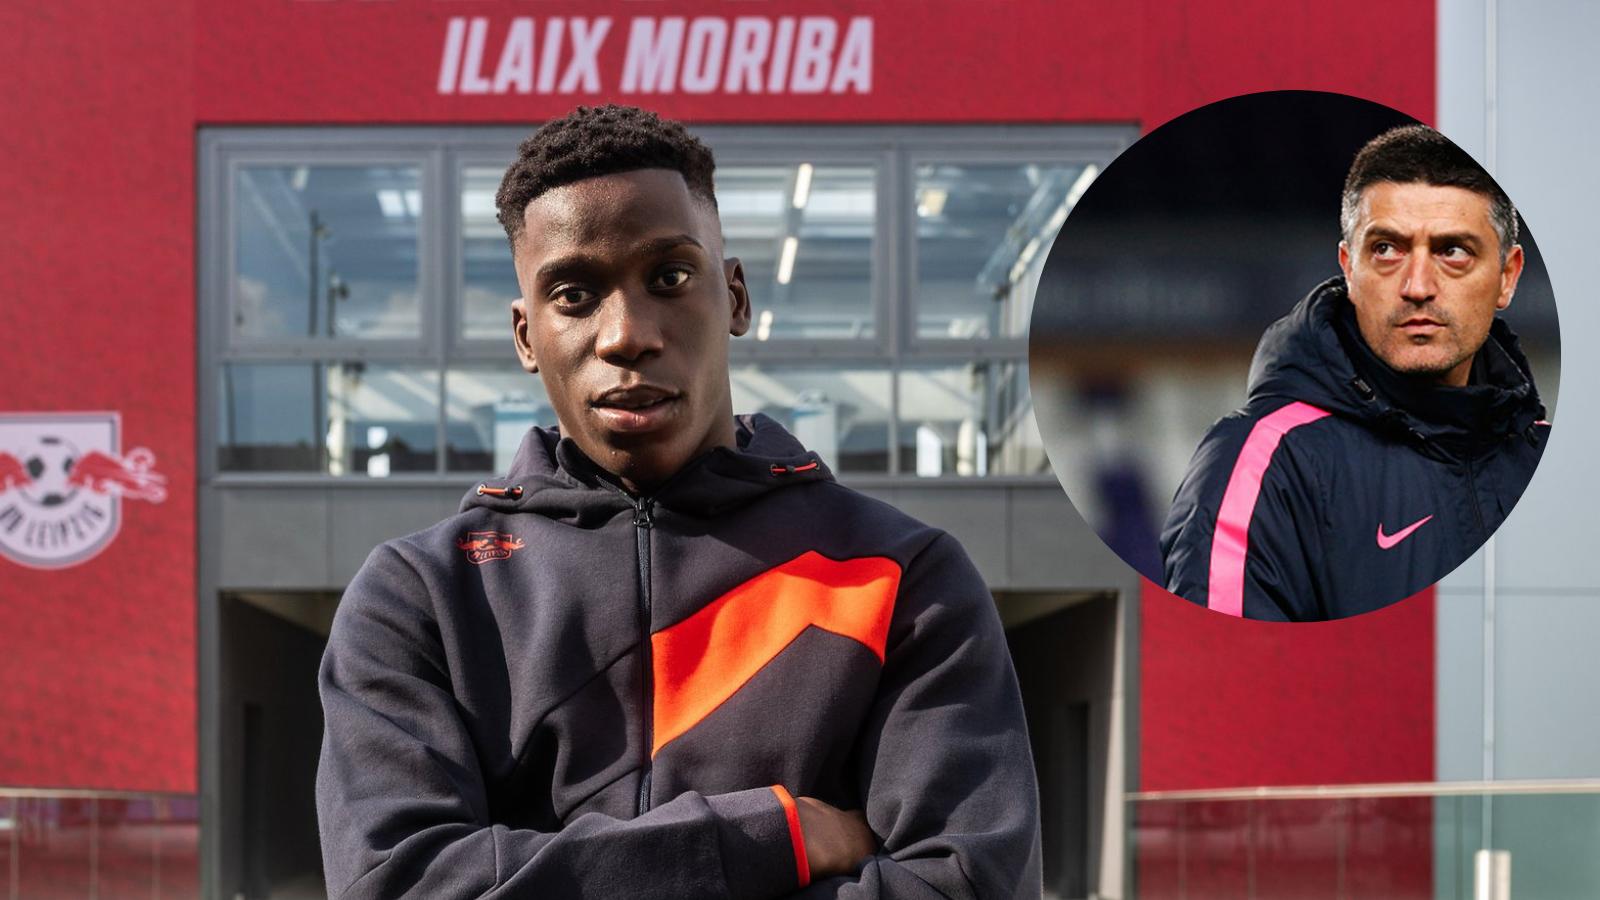 Francisco Javier Garcia Pimienta, habló de las impresiones que le dejó Ilaix Moriba en el tiempo que compartieron en FC Barcelona. Foto: Imago.